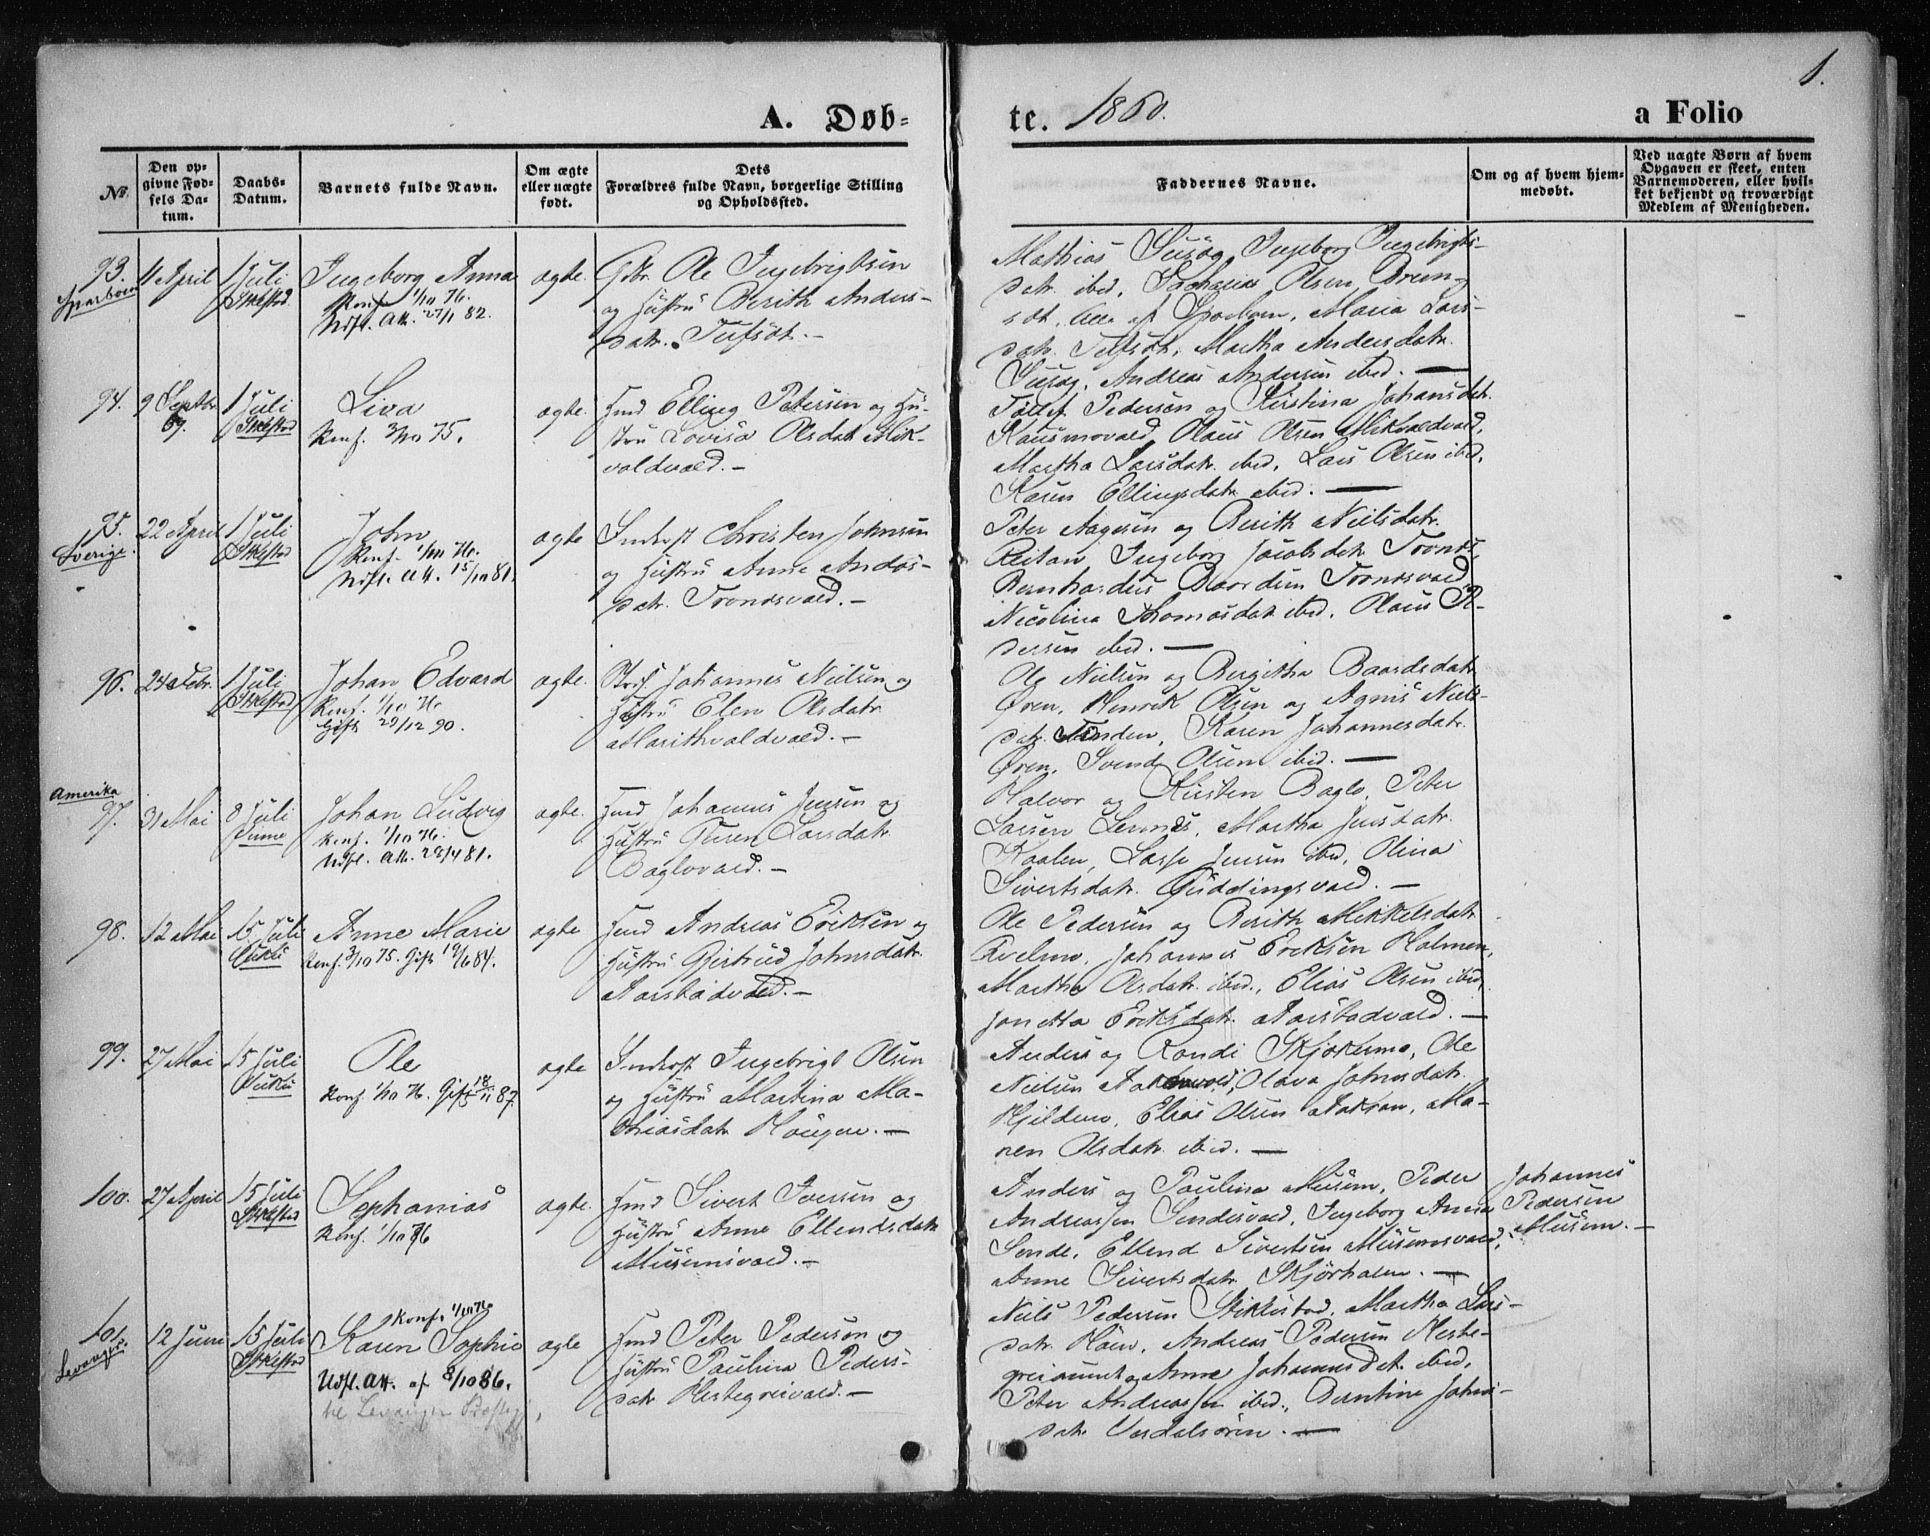 SAT, Ministerialprotokoller, klokkerbøker og fødselsregistre - Nord-Trøndelag, 723/L0241: Ministerialbok nr. 723A10, 1860-1869, s. 1